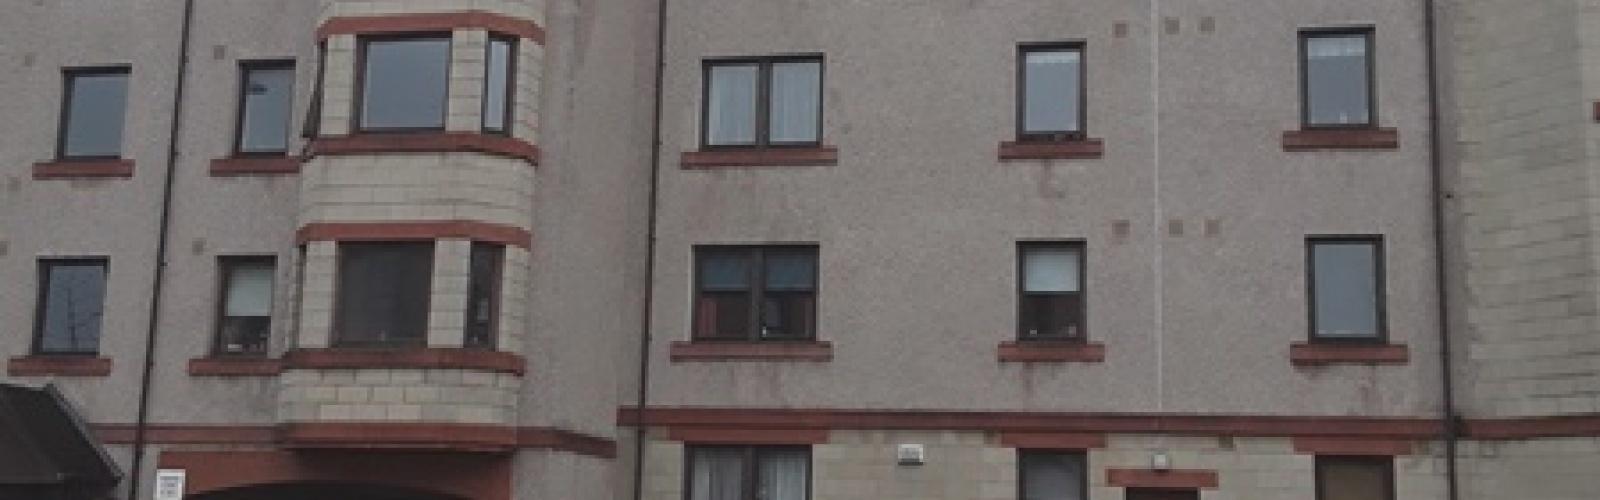 2 Bedrooms Bedrooms,1 BathroomBathrooms,Flat,1034